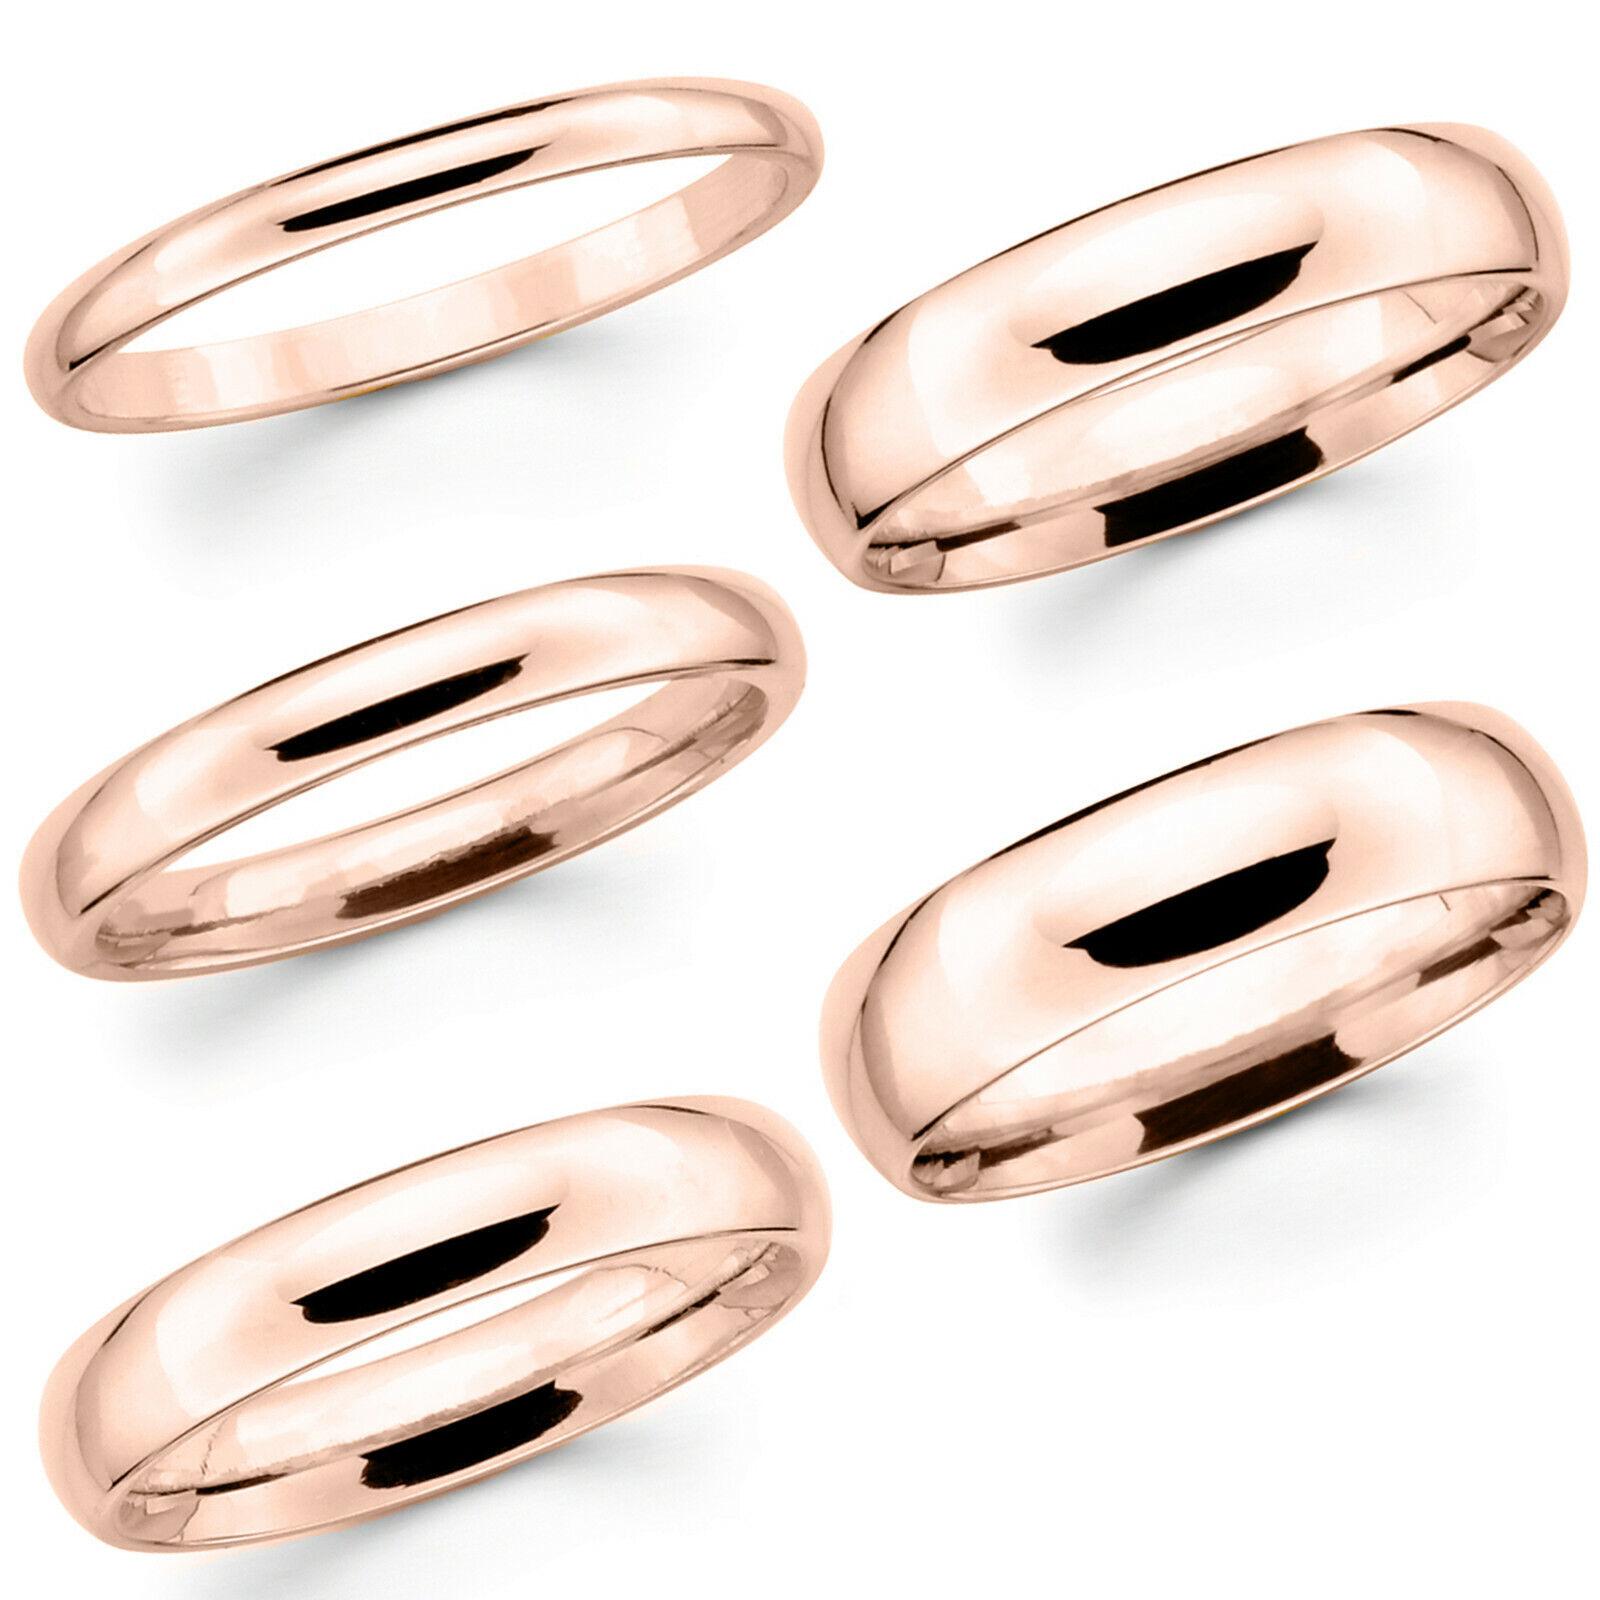 Solid 10K Rose Gold 2mm 3mm 4mm 5mm 6mm Comfort Fit Men Women Wedding Band Ring